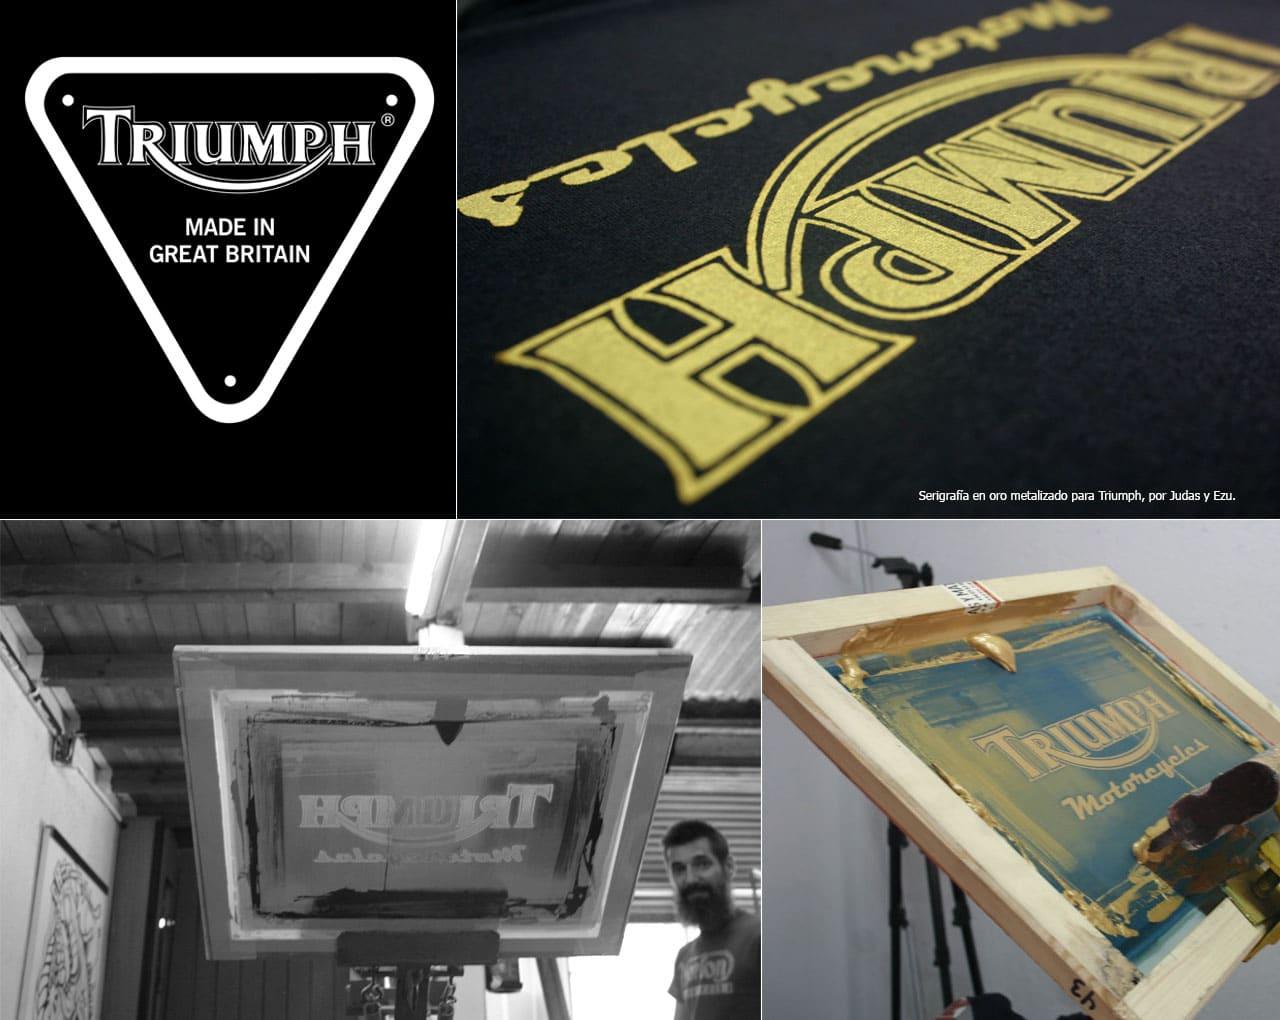 Serigrafías Triumph Motorcycles